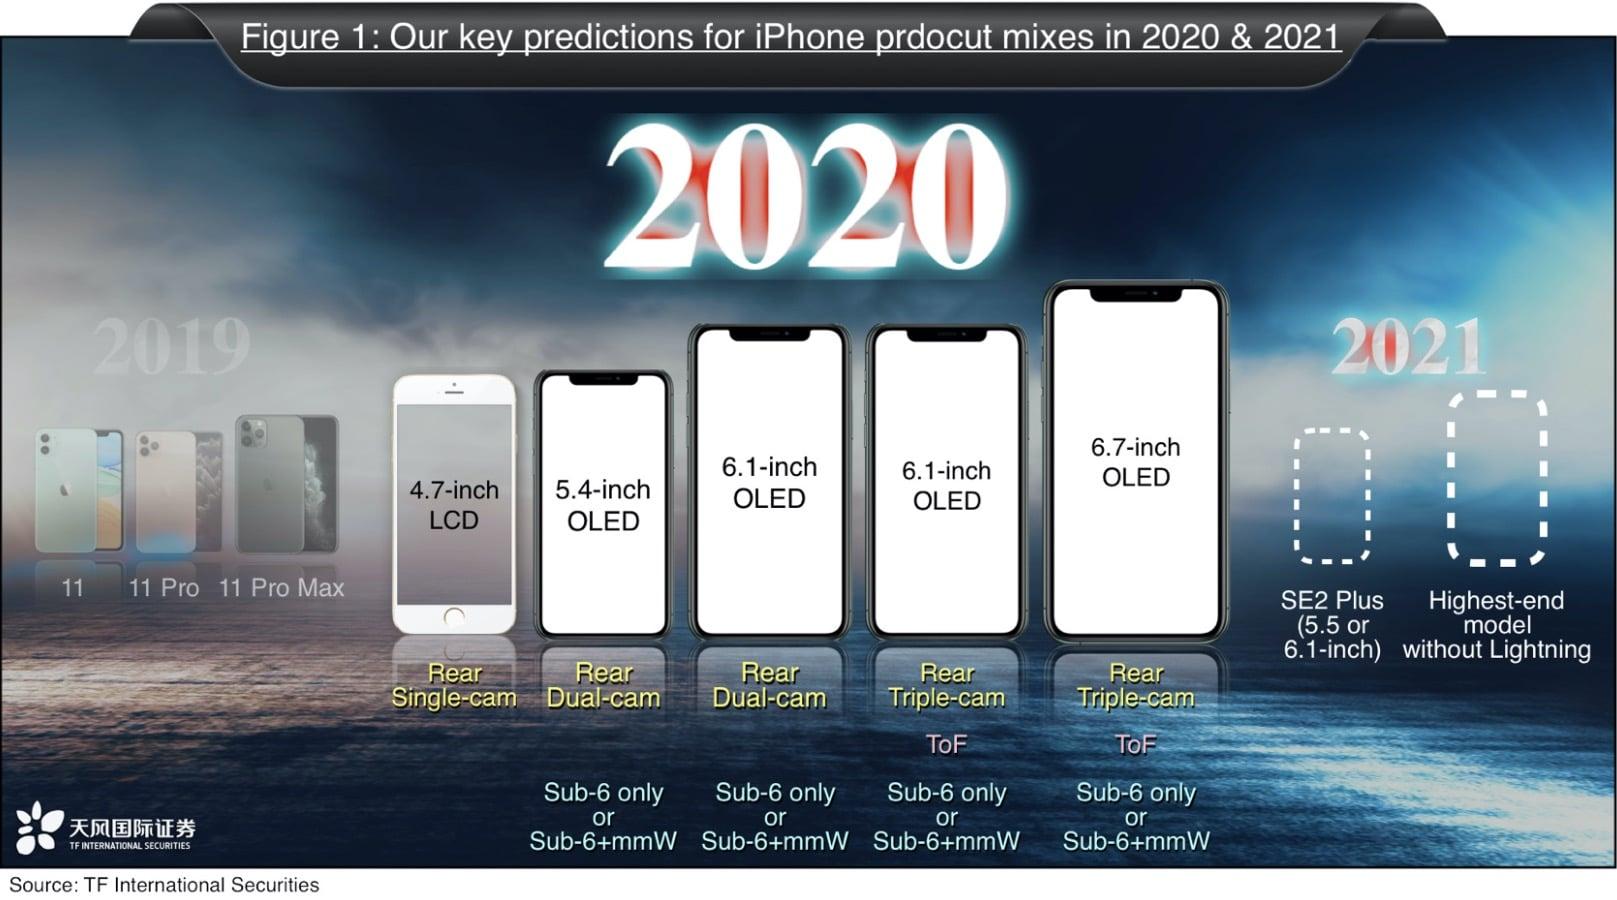 Previsões envolvendo iPhones para 2020 e 2021